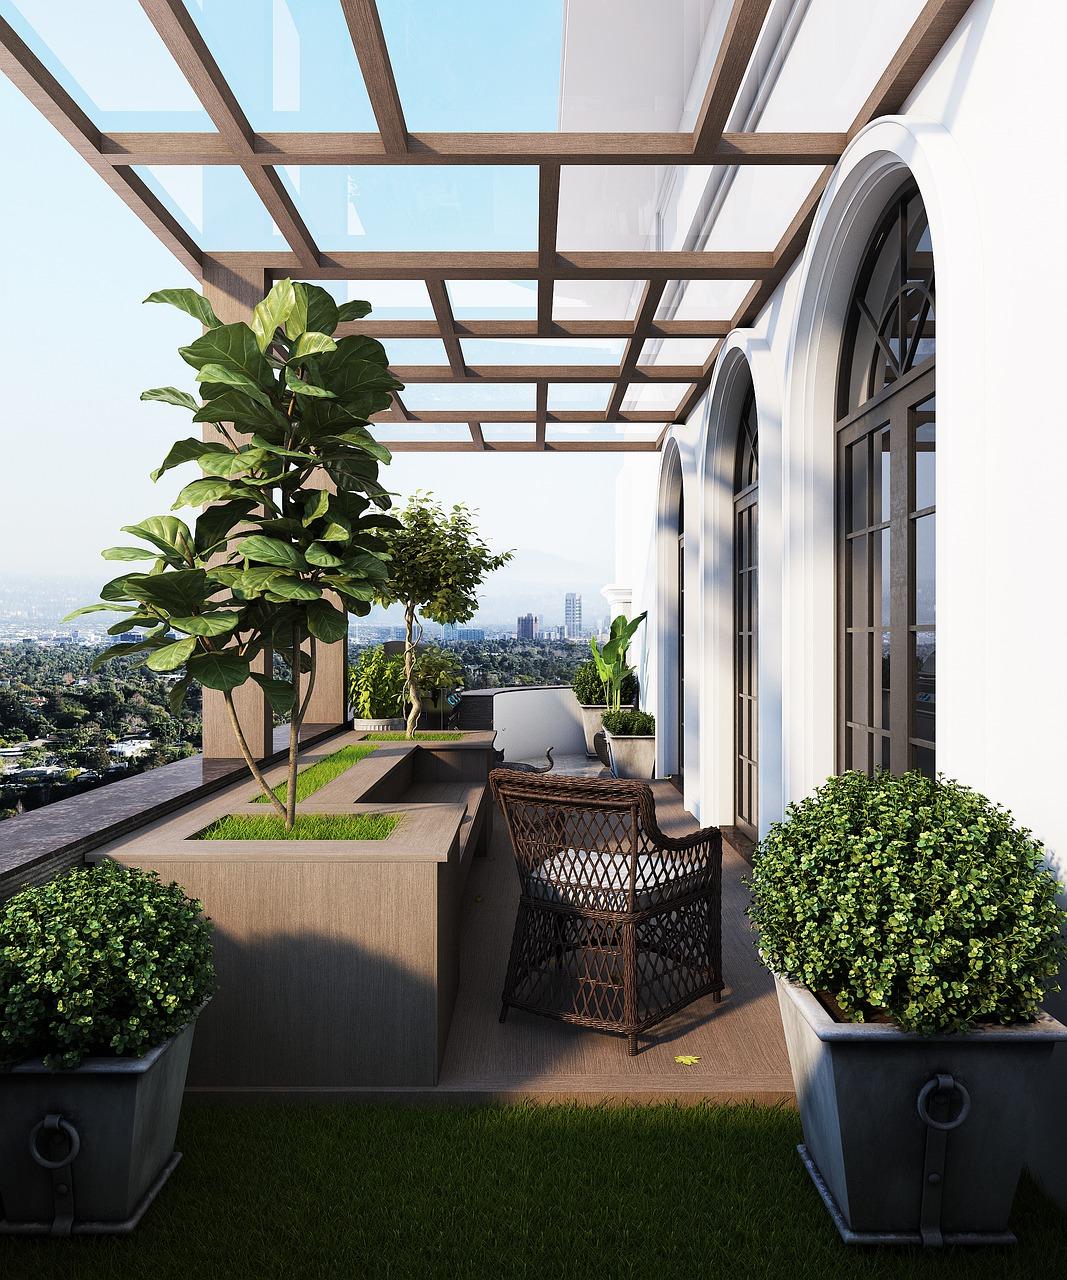 Balkon Möbel modern Terrasse bepflanzen